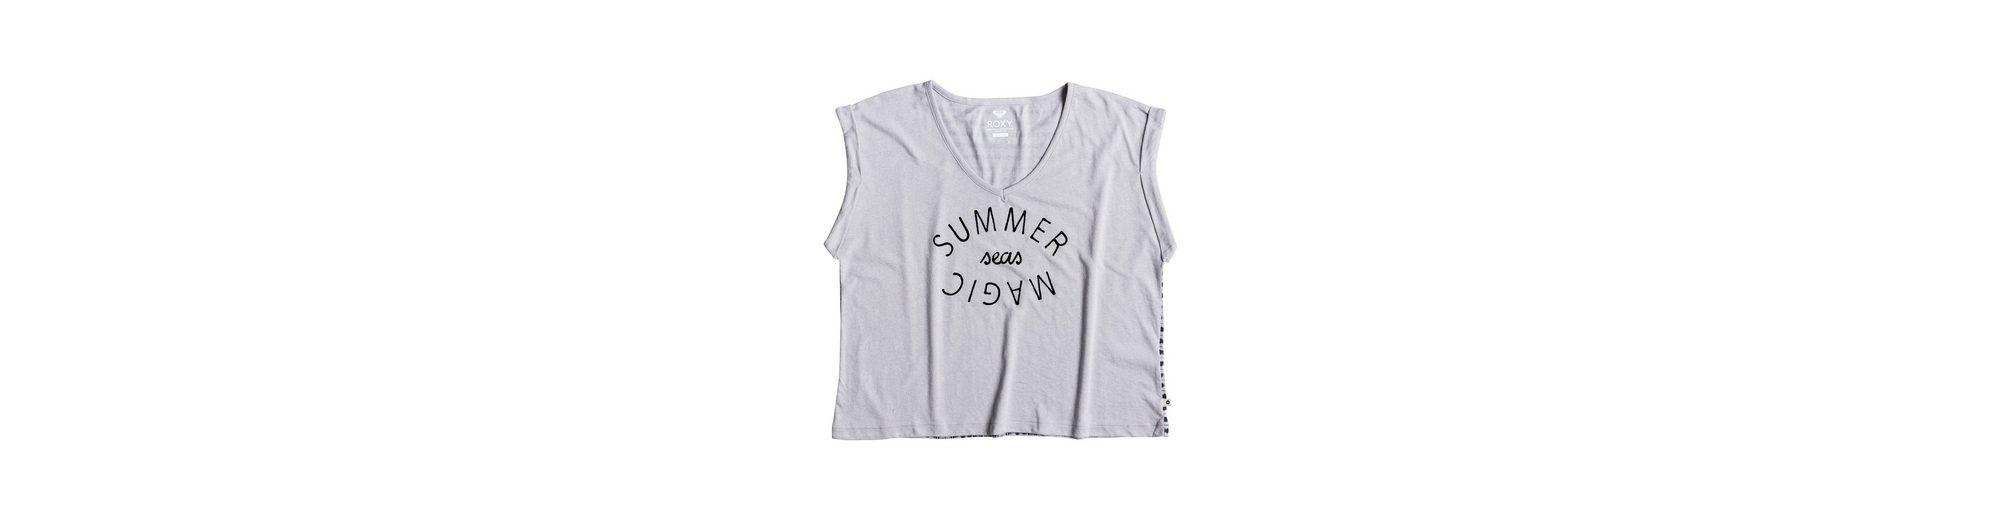 Roxy T-Shirt mit gekrempelten Ärmeln Guerrero Locals Dreamer - T-Shirt Klassische Online-Verkauf p72bEZ